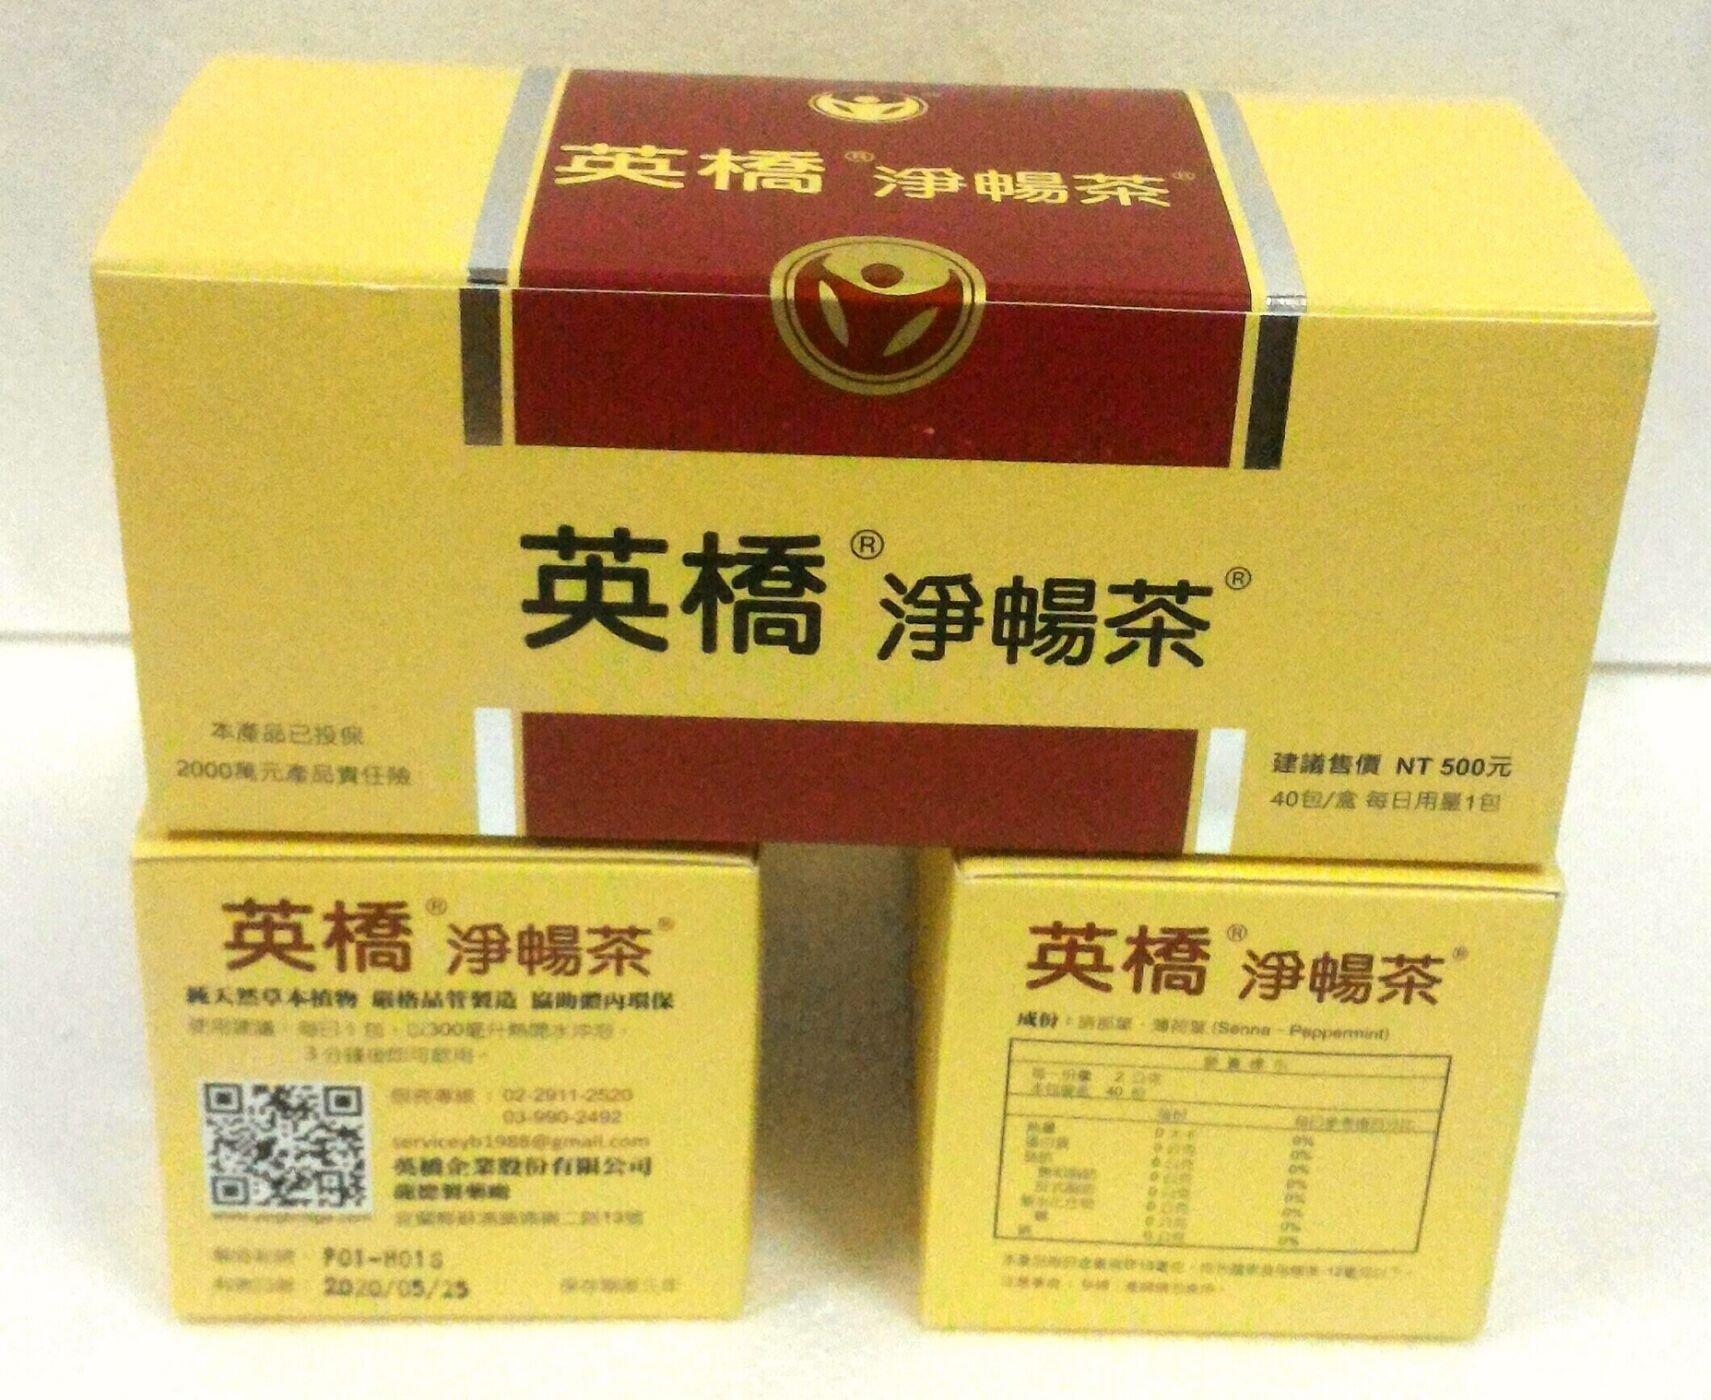 英橋淨暢茶 - 每盒$450 - 買八送二